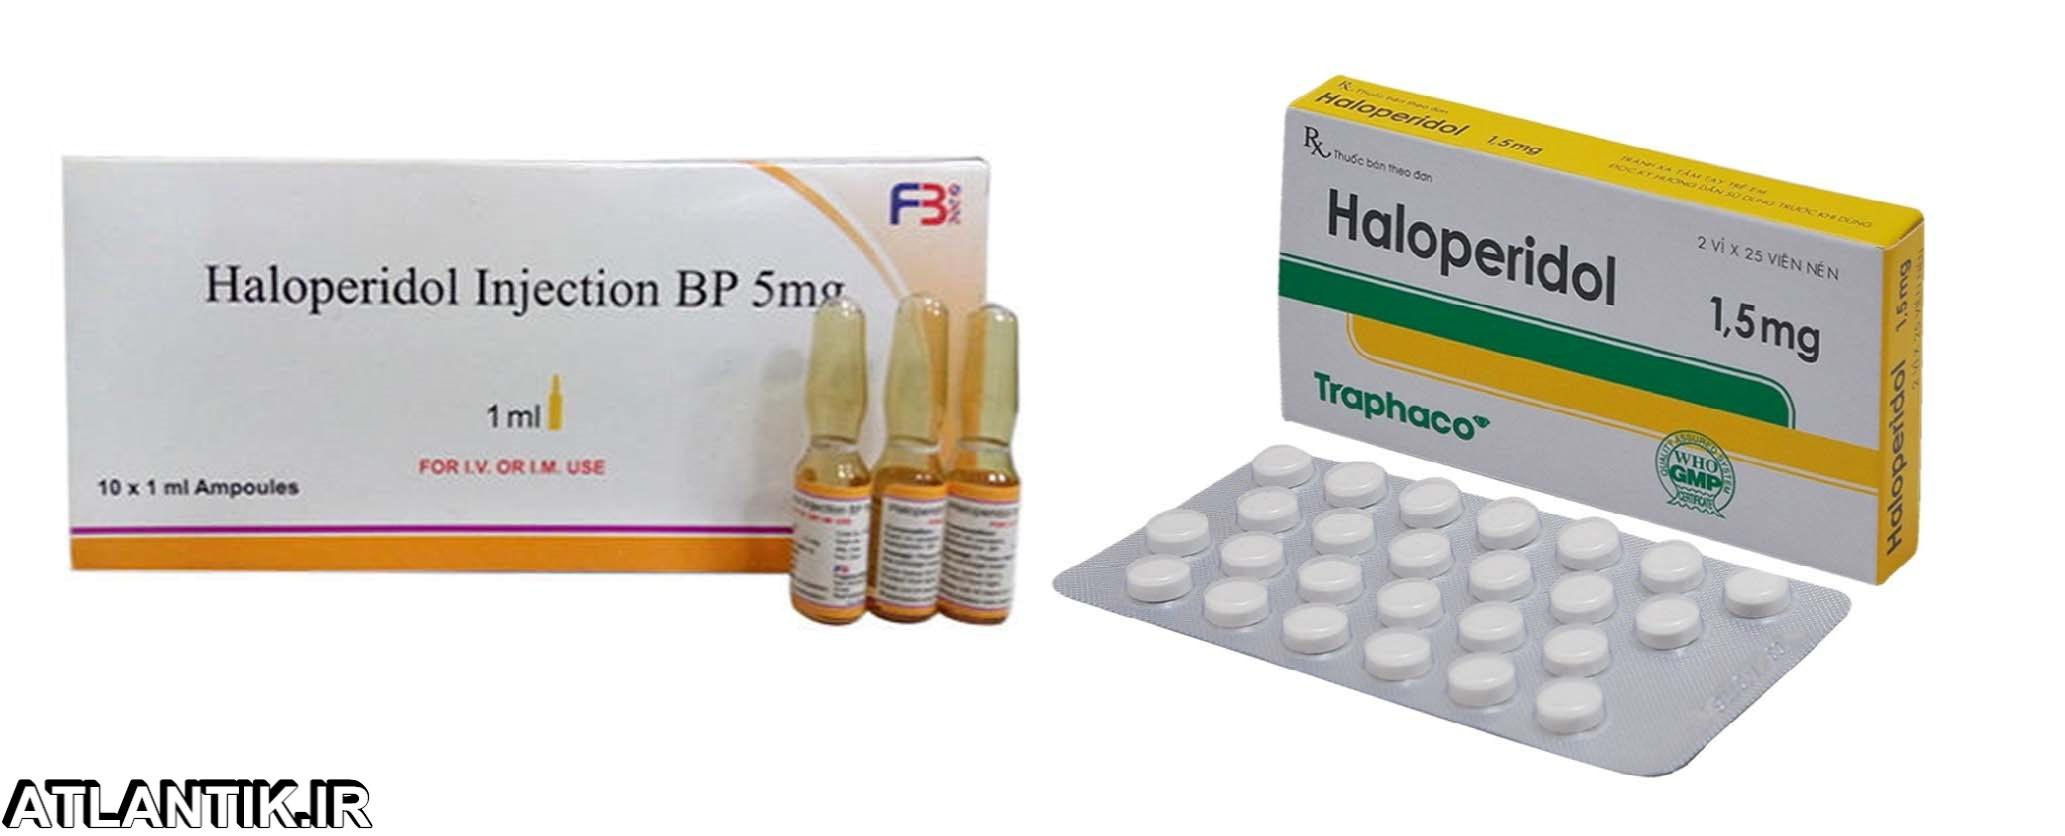 معرفي داروي روان گردان هالوپریدول – Haloperidol